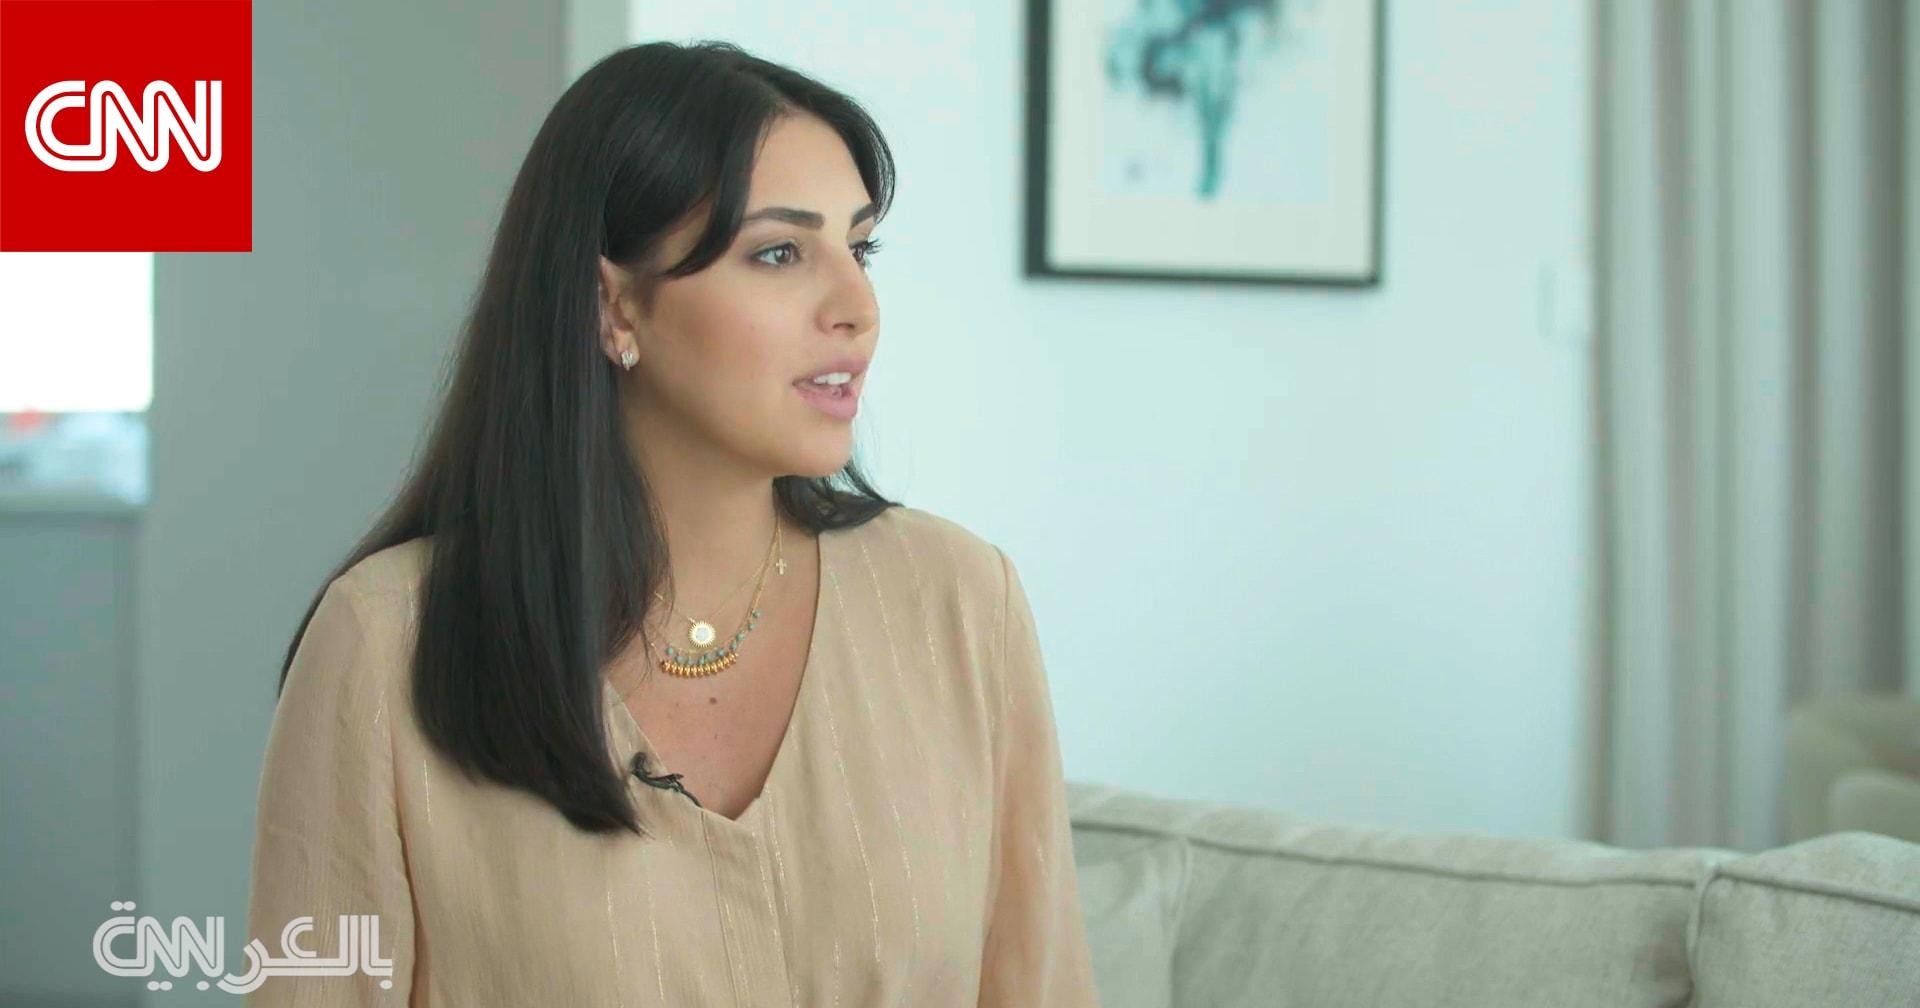 فاليري ابو شقرا لـCNN: لهذا السبب تركت لبنان.. تابعت مسلسل 2020 ومعجبة بيسرا ونادين نجيم